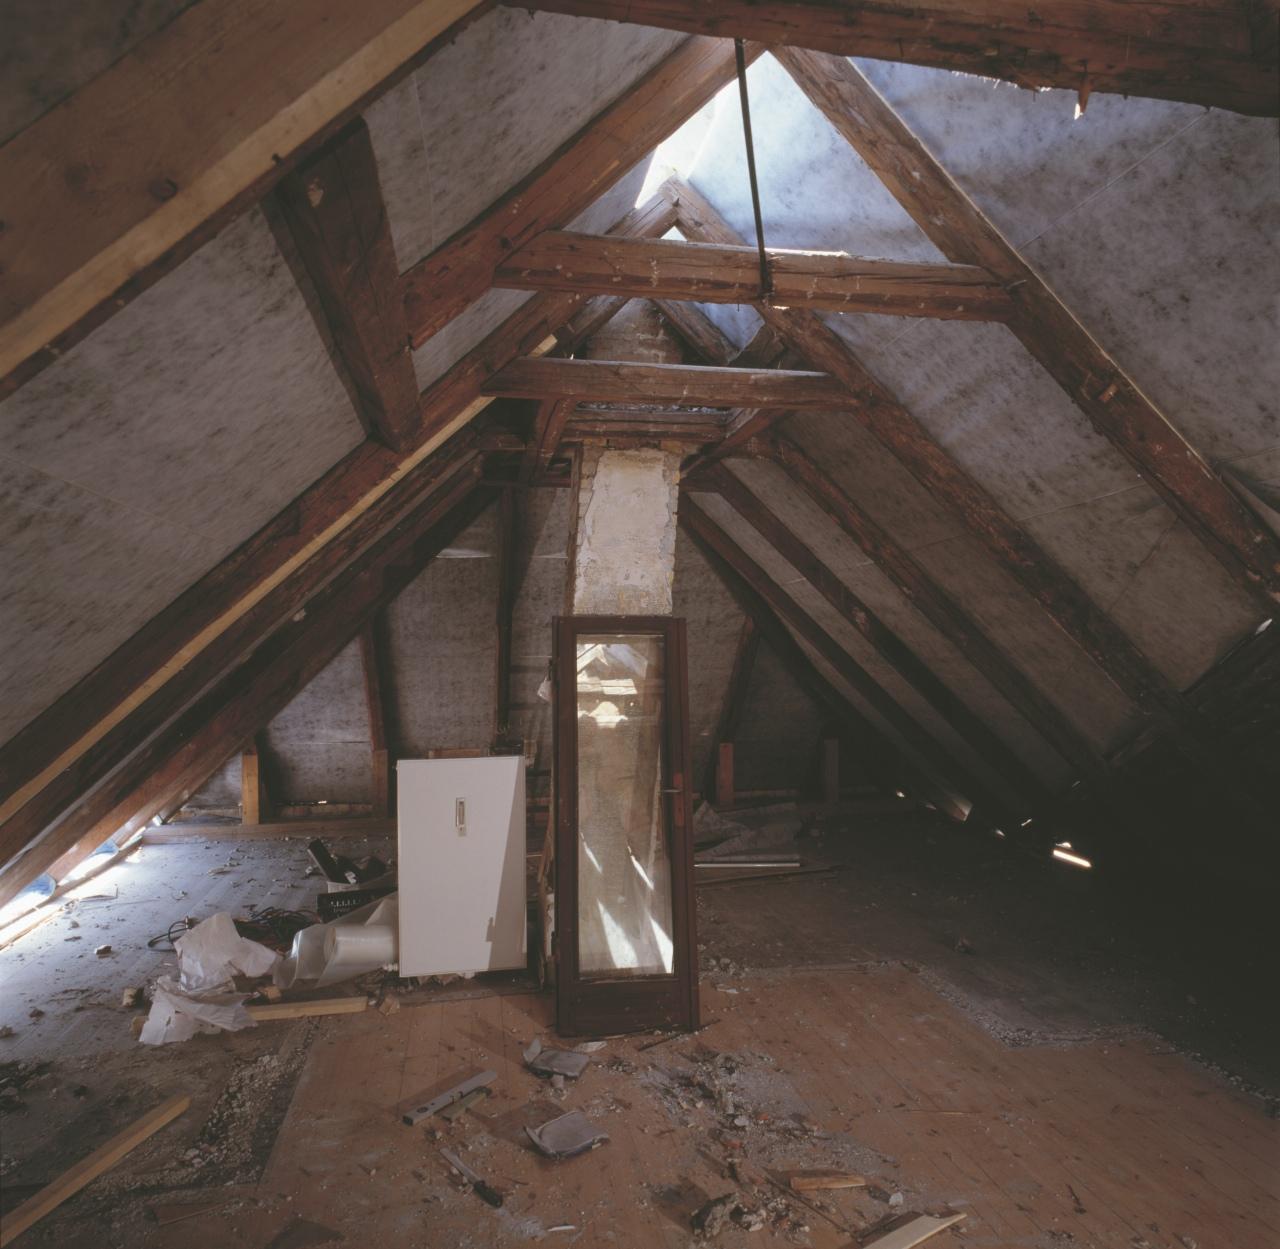 5 domande da fare prima di trasformare la soffitta in mansarda - Sfruttare sottotetto basso ...